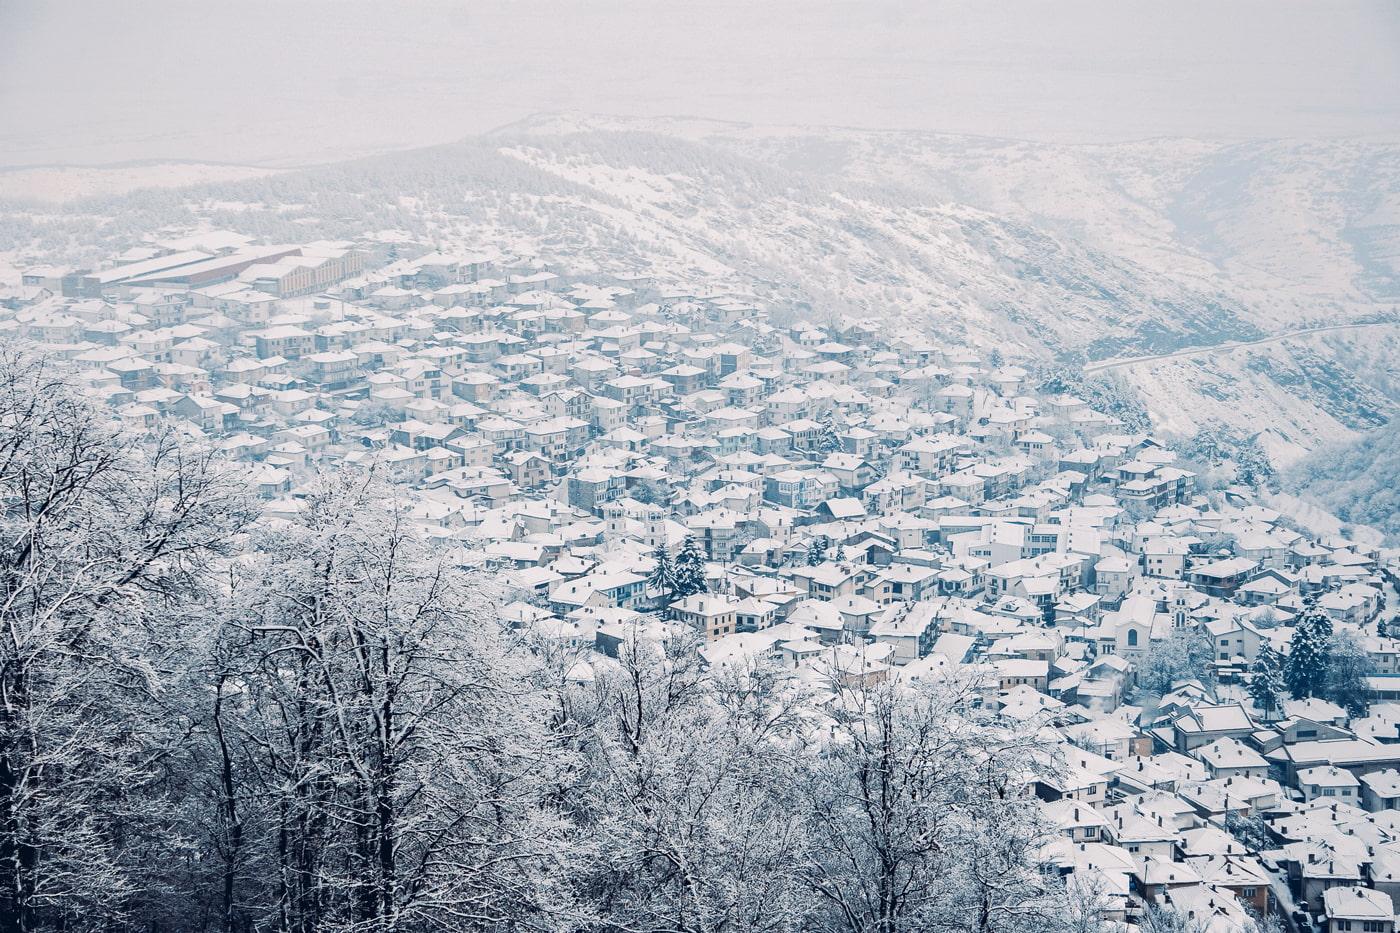 Kruševo in winter